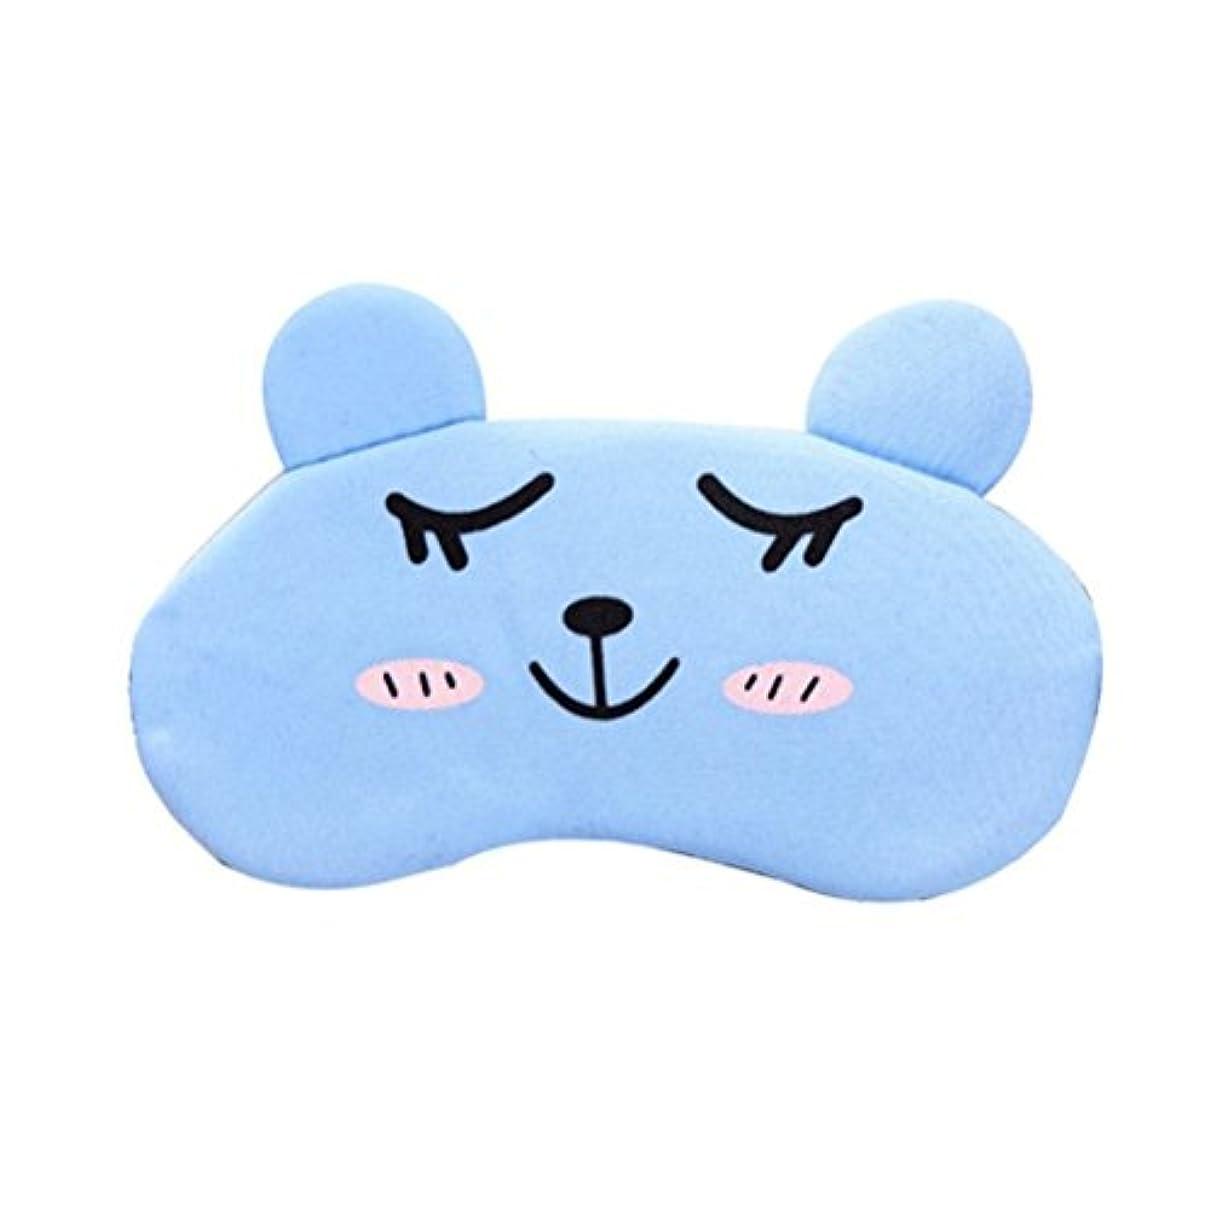 確実賭け繁栄ROSENICE スリープマスク 睡眠昼寝の瞑想のための冷却アイシェード目隠し(青)